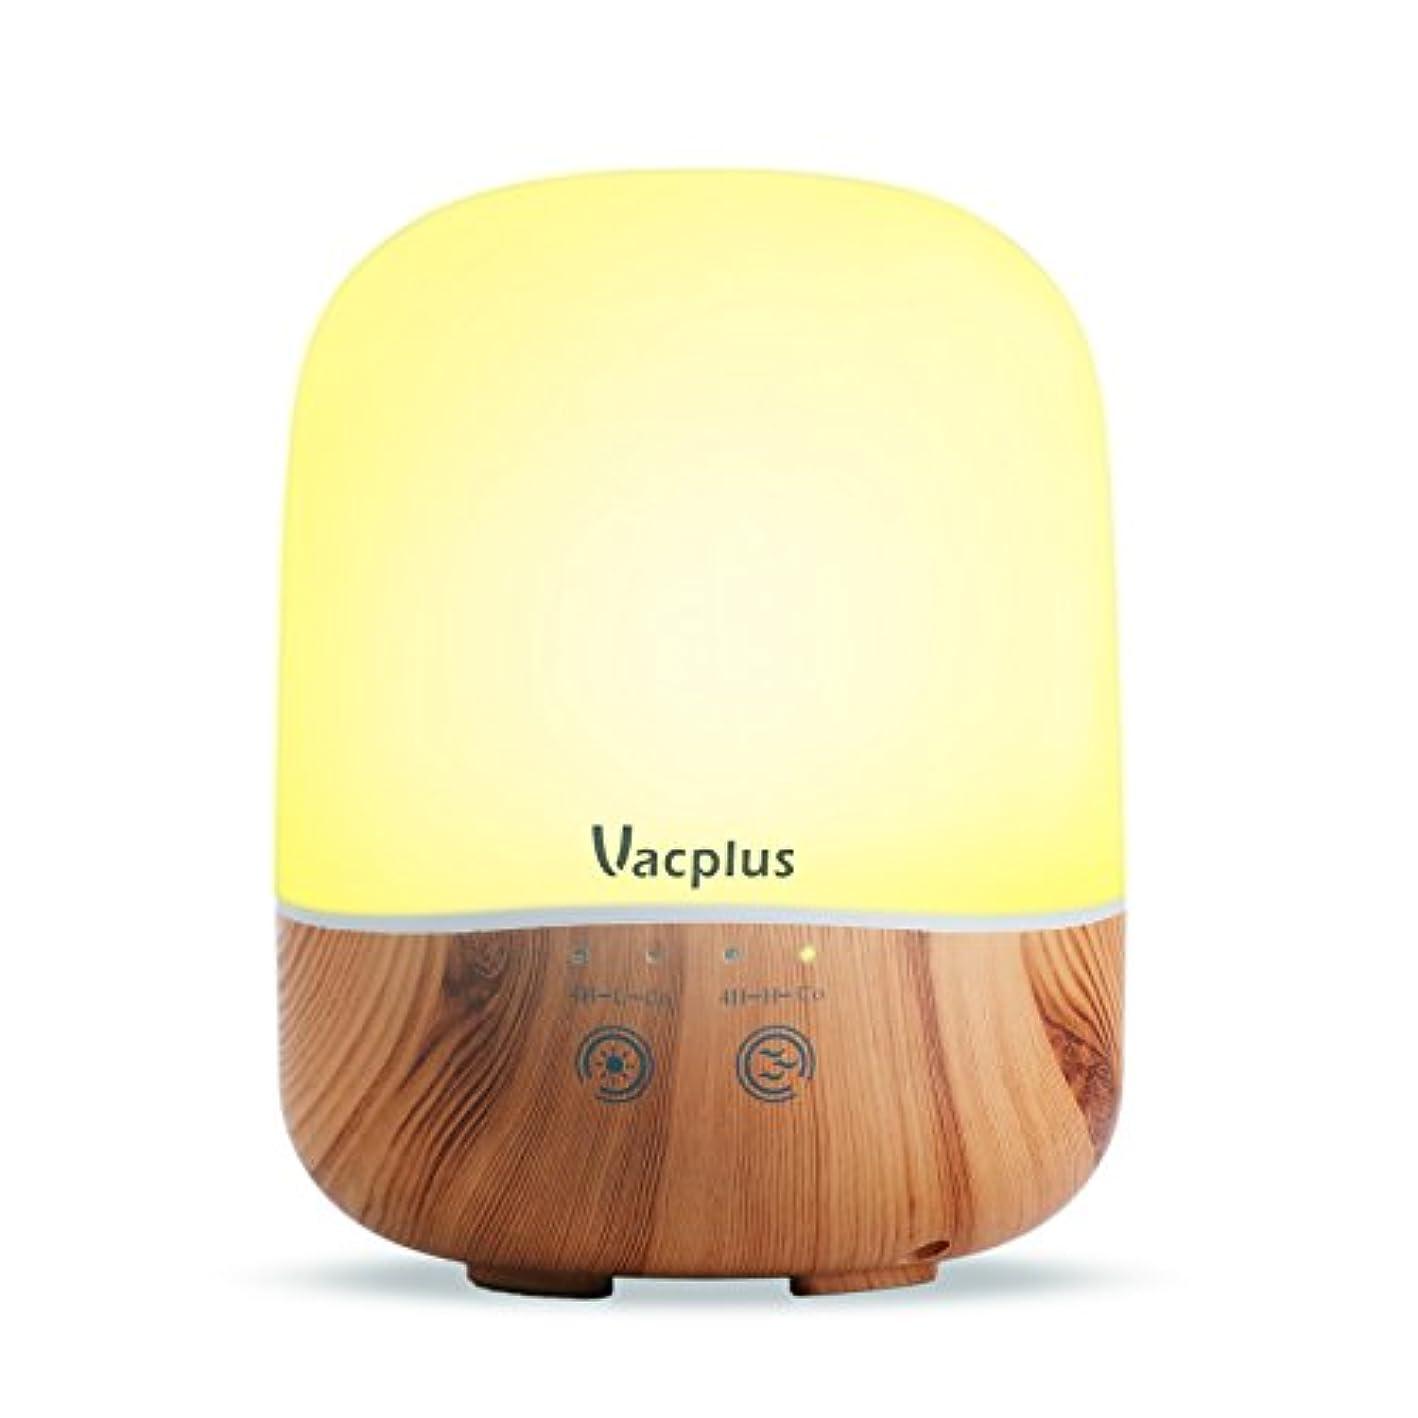 ケープ農村スリルVacplus アロマディフューザー 加湿器 300ml大容量 超音波式 卓上加湿器 七色変換LEDライト 空焚き防止機能(木目調)